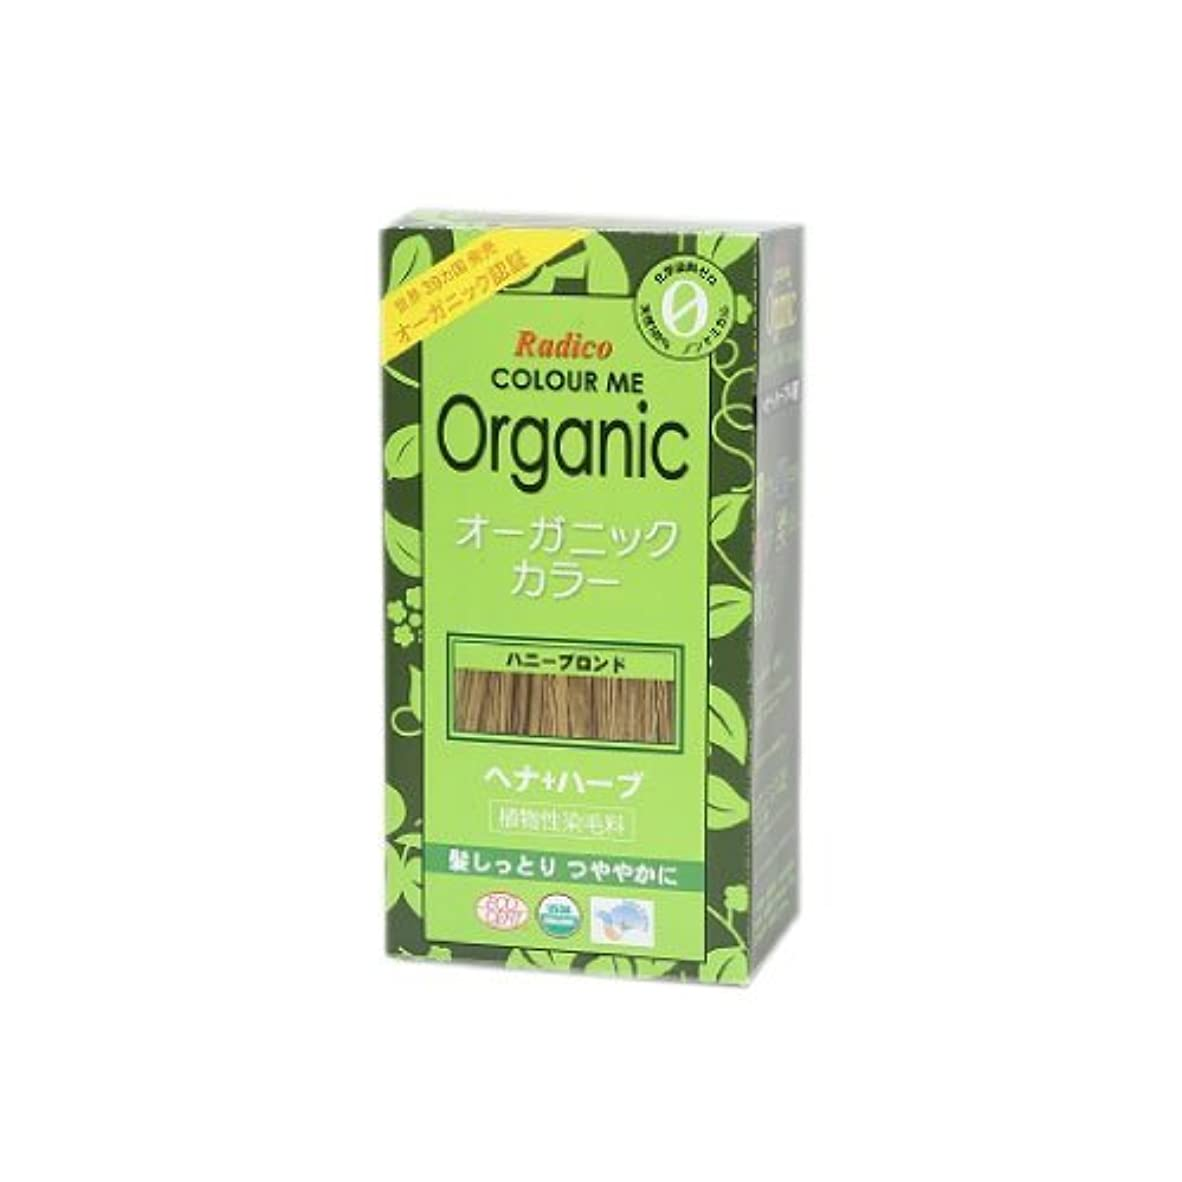 アスリート挑発する研究所COLOURME Organic (カラーミーオーガニック ヘナ 白髪用) ハニーブロンド 100g